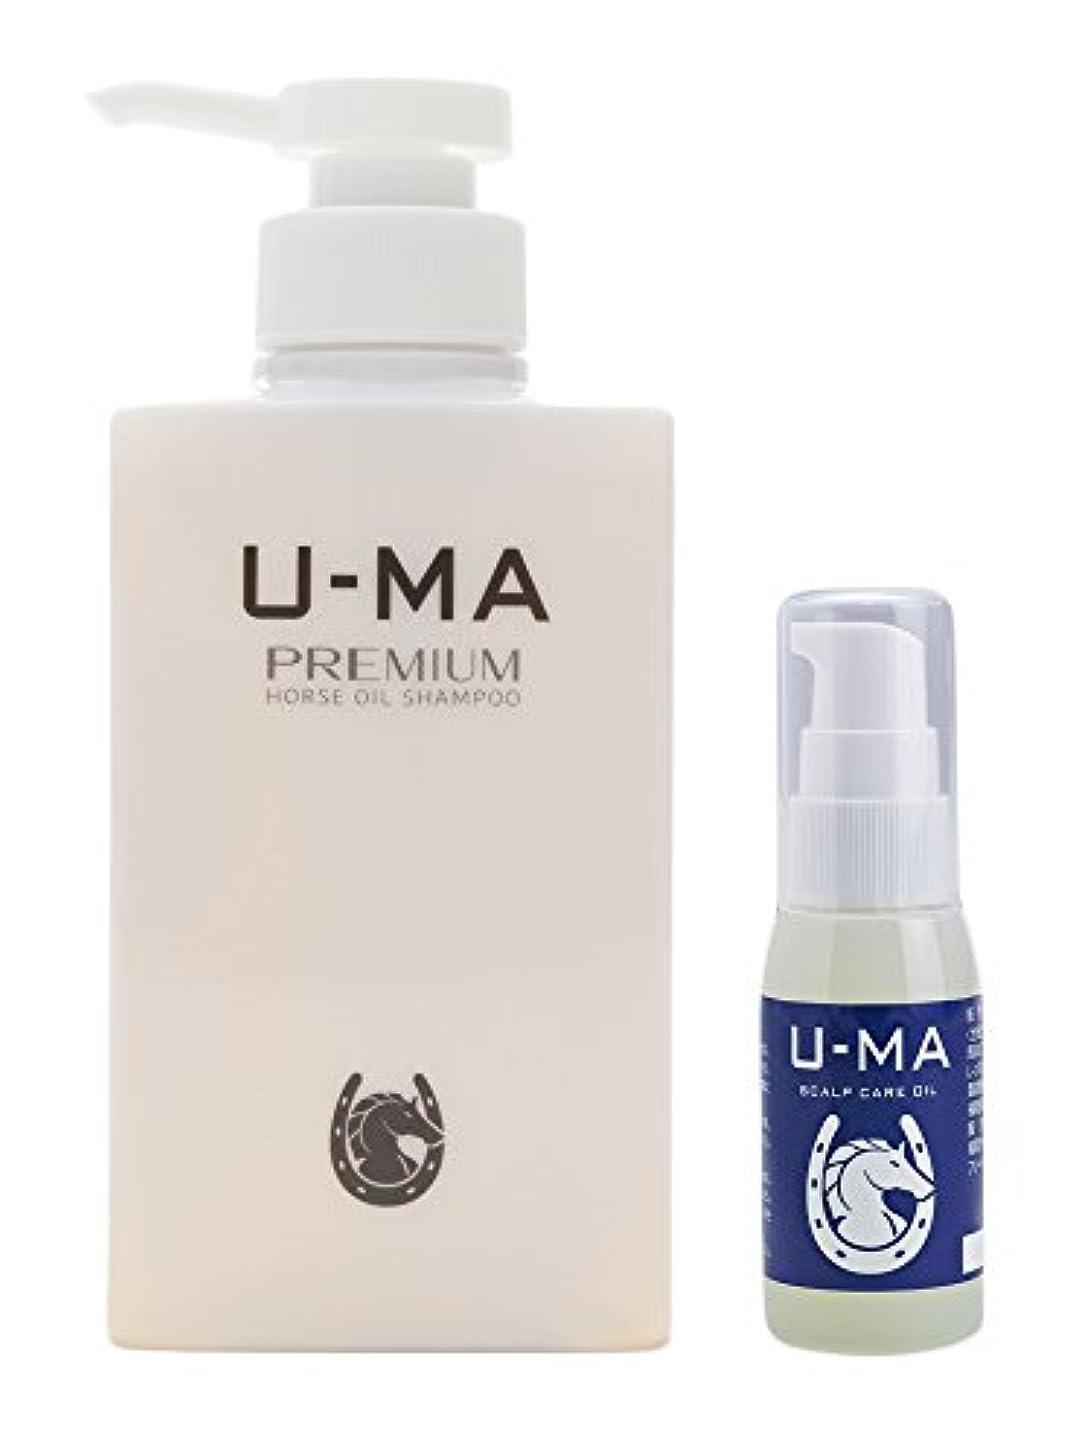 ポジションばかげている偽U-MA (ウーマ) スキャルプケアオイル 30ml & ウーマシャンプープレミアム 300ml セット